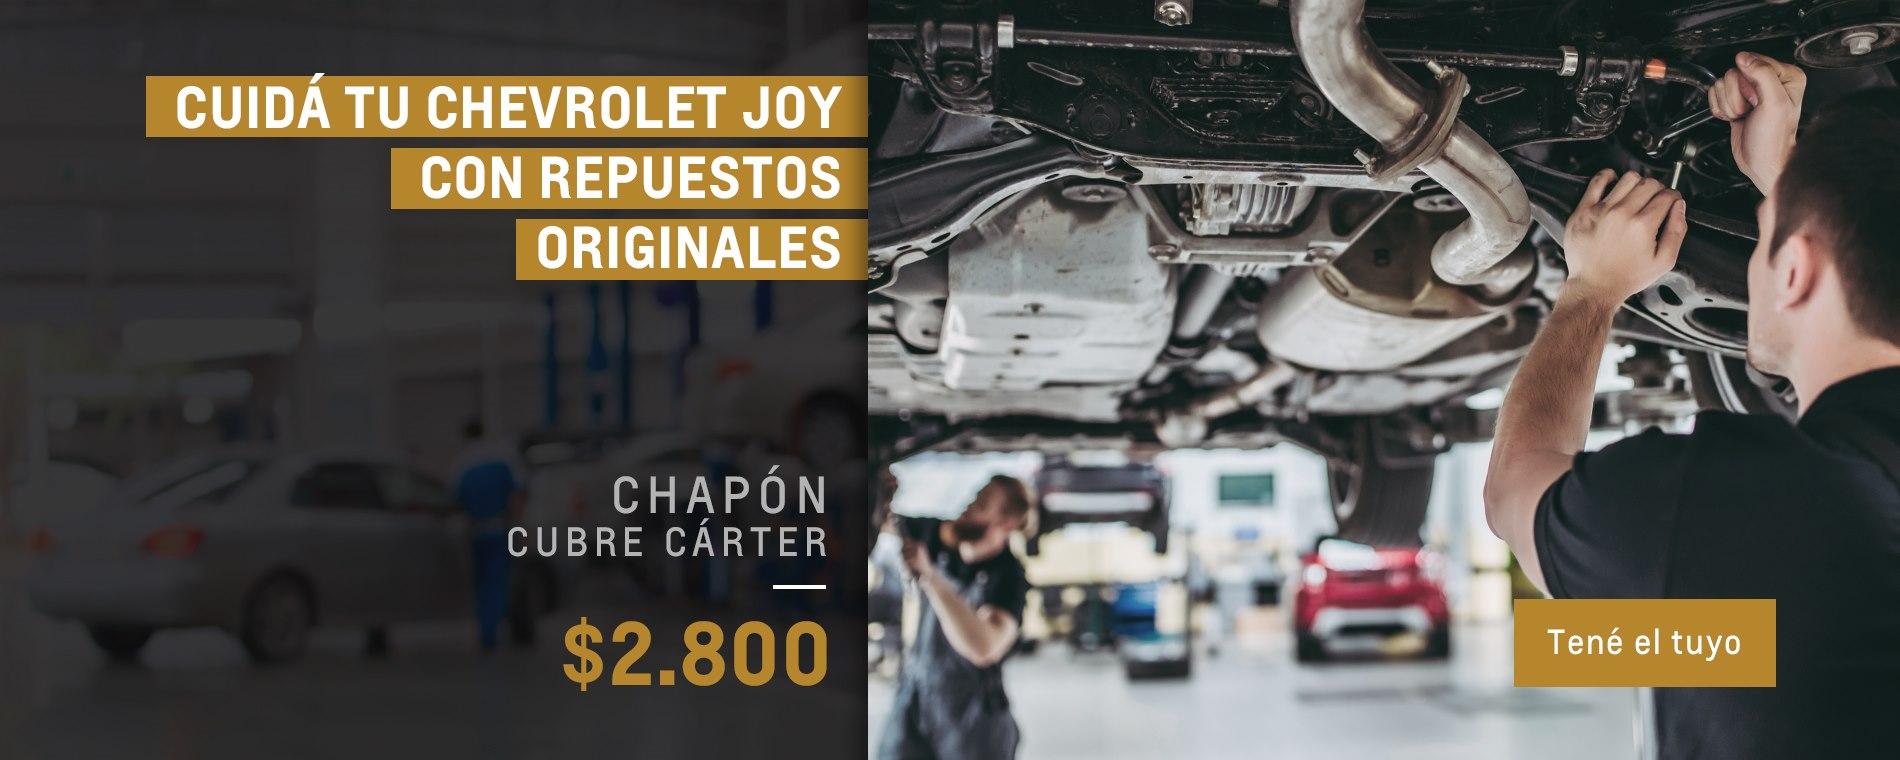 Chapón cubre carter para Chevrolet Joy